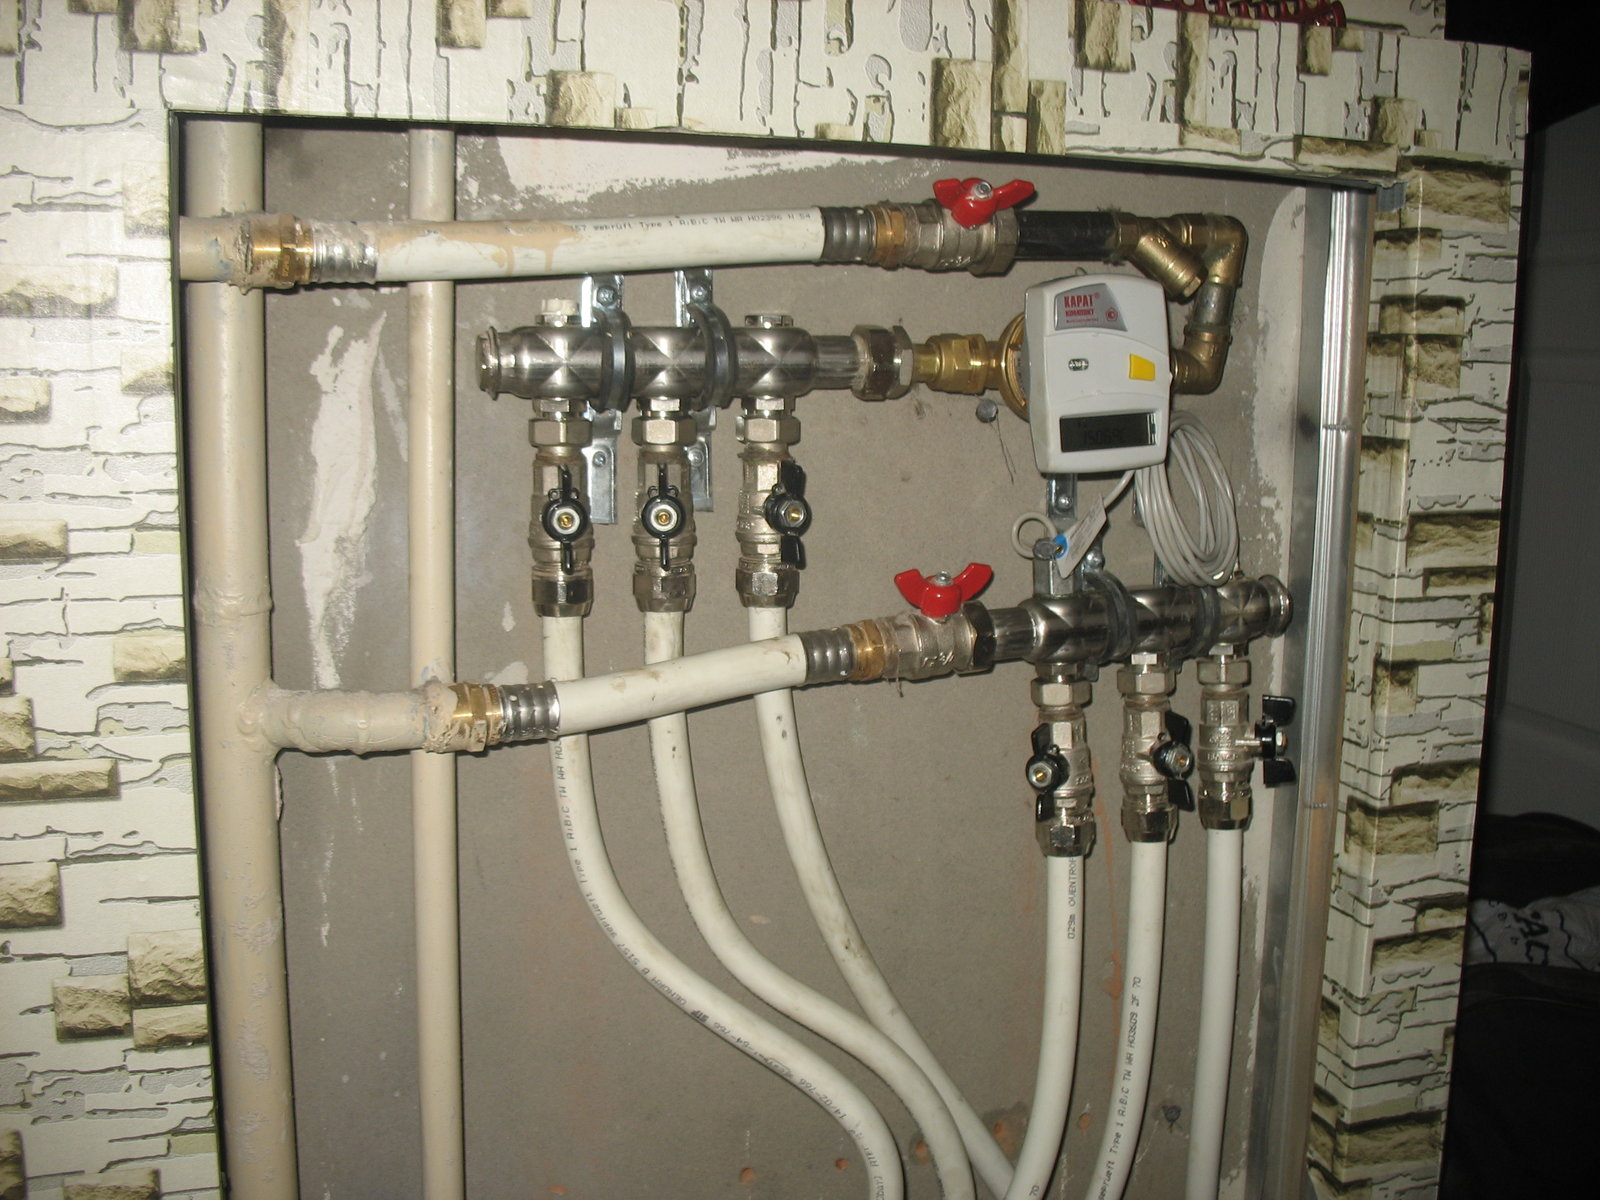 Тепловые счётчики на отопление в многоквартирном доме принцип работы и особенности установки